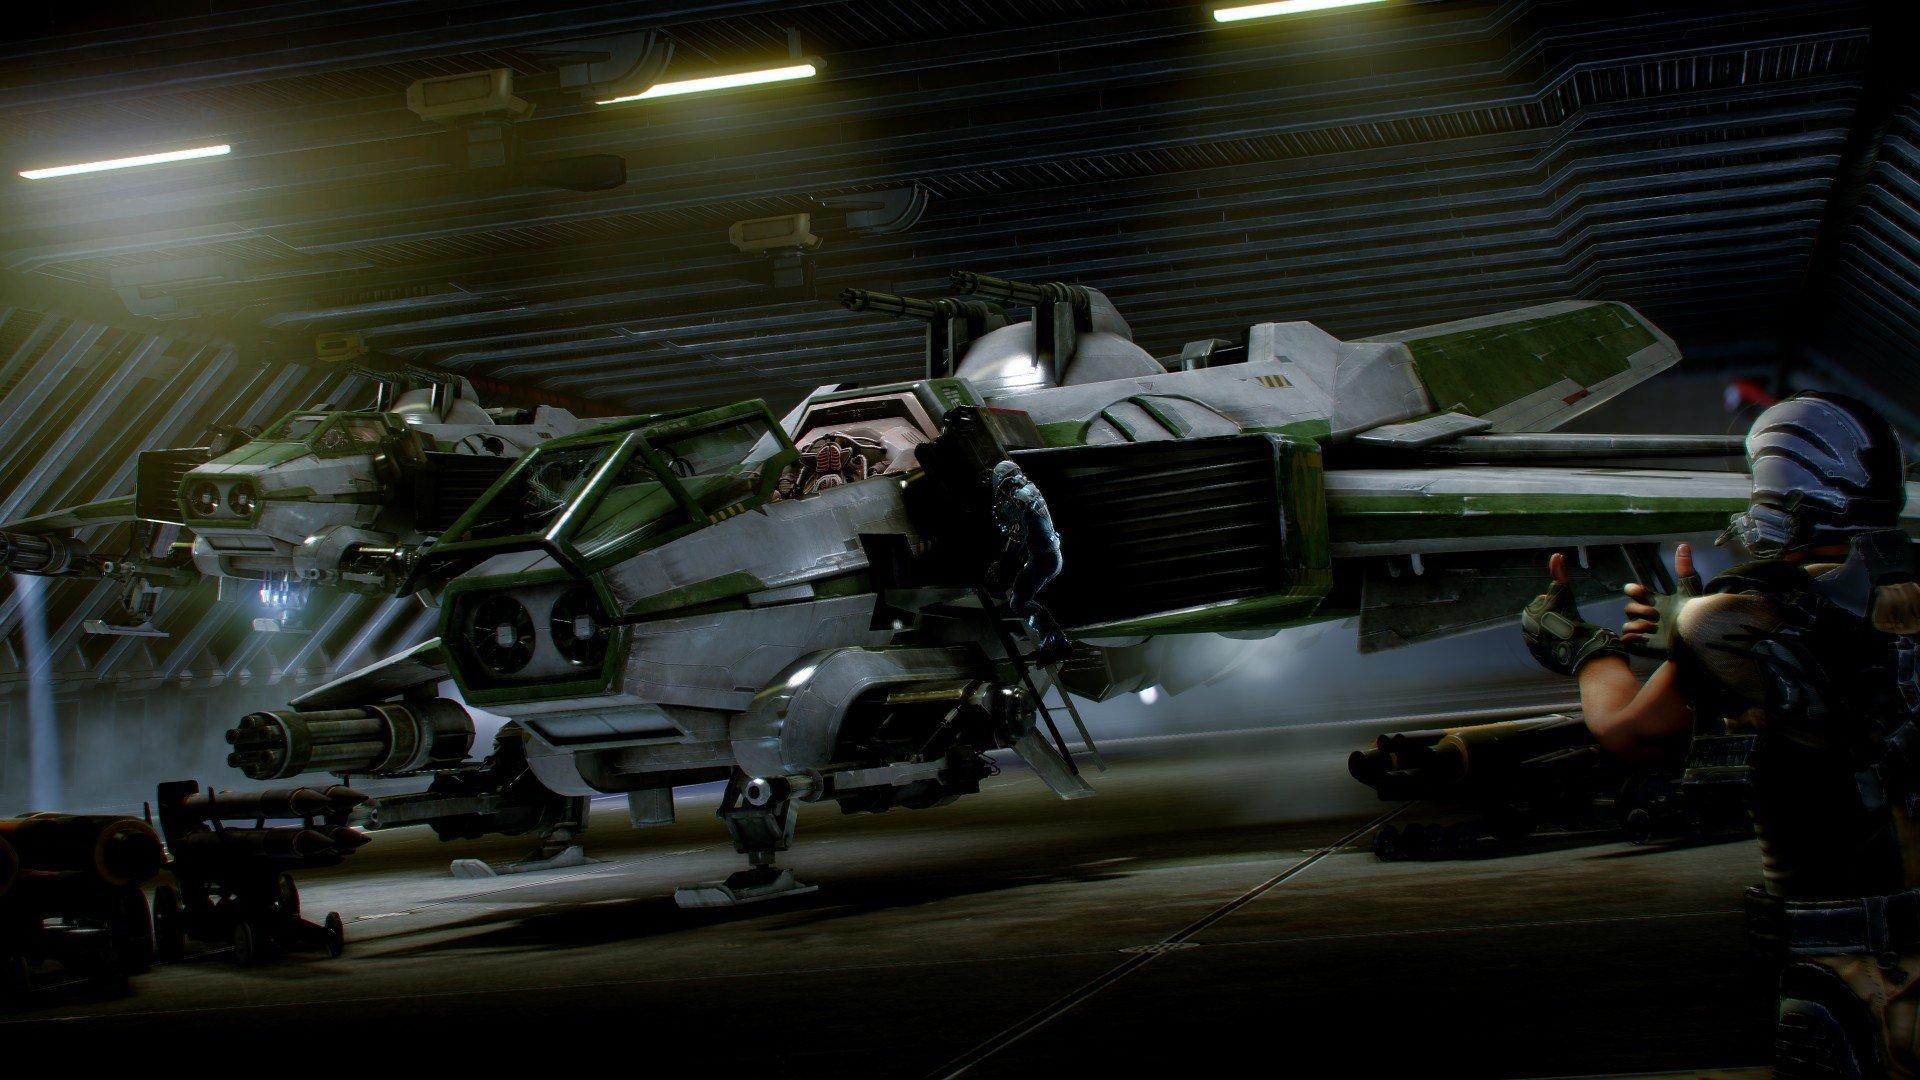 Anvil Hornet en el hangar